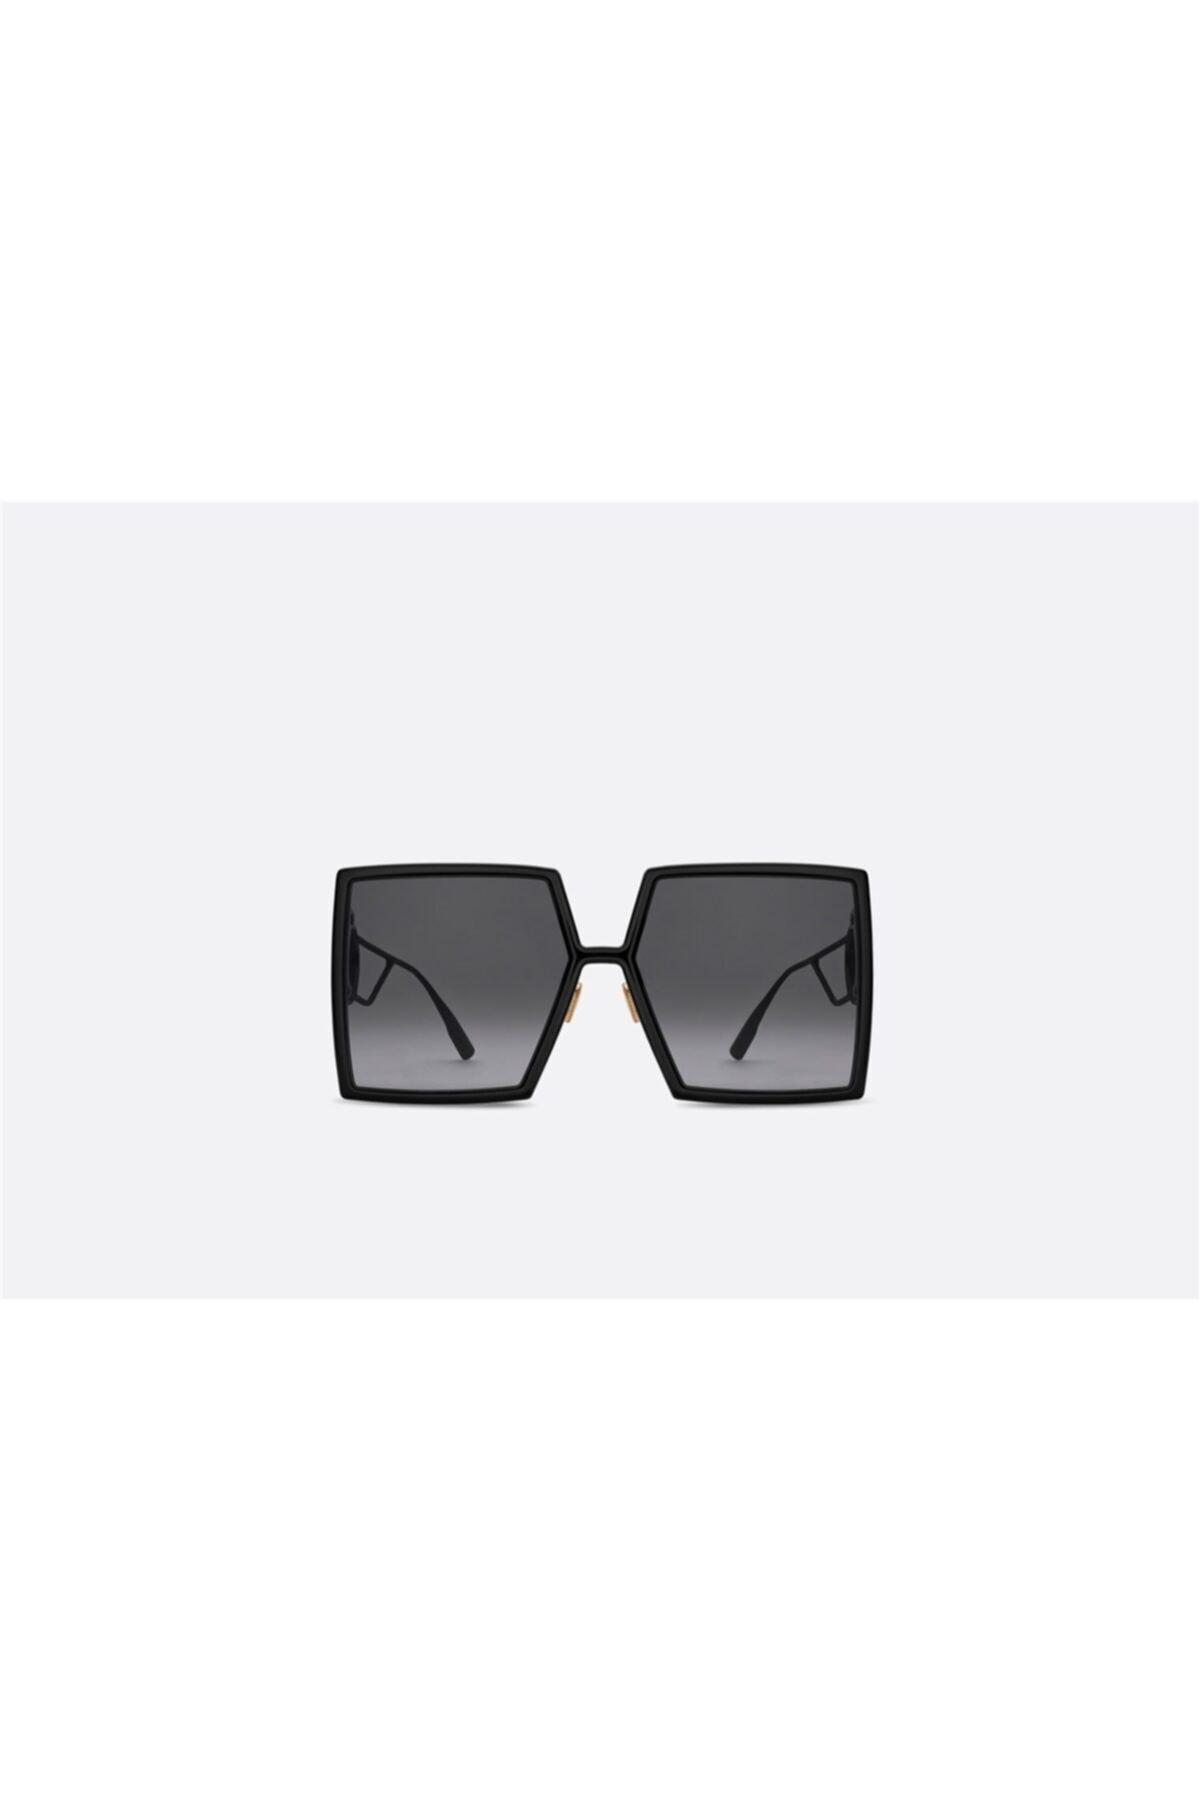 Christian Dior Chrıstıan Dıor 30montaıgne 807 1ı 58 Ekartman Kadın Güneş Gözlüğü 2